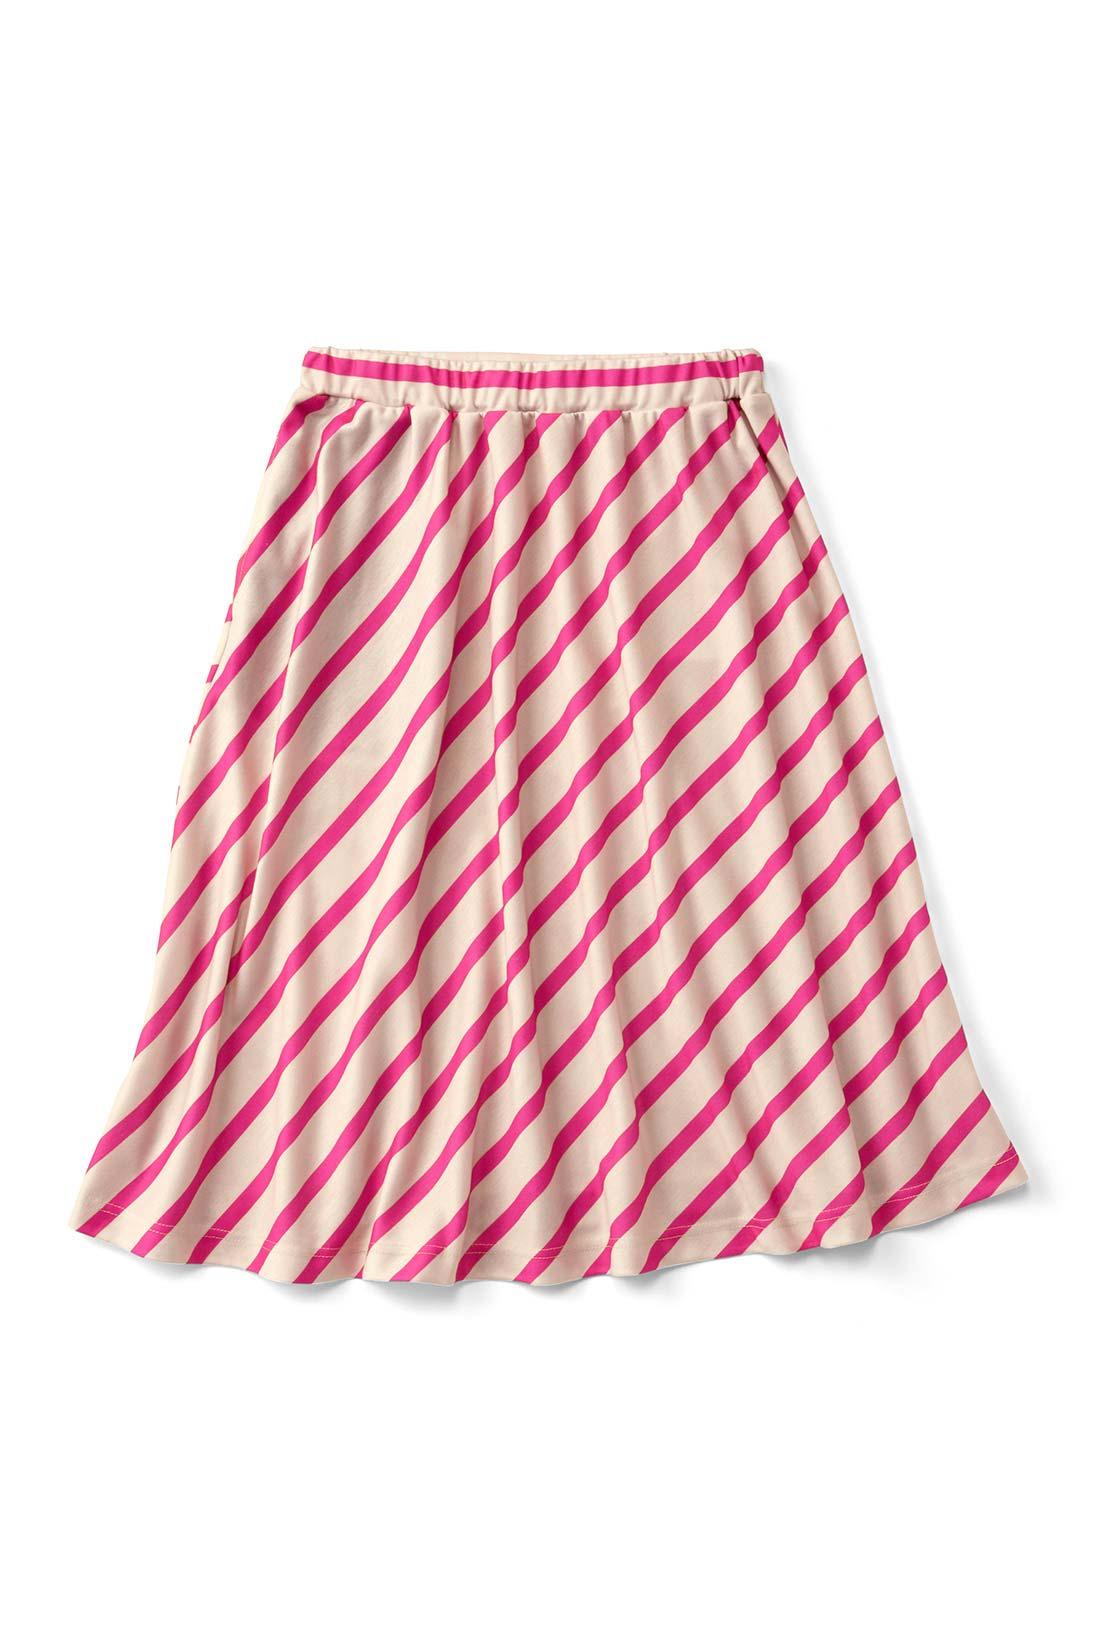 【ピンク】しわになりにくいカットソー素材がいいね。